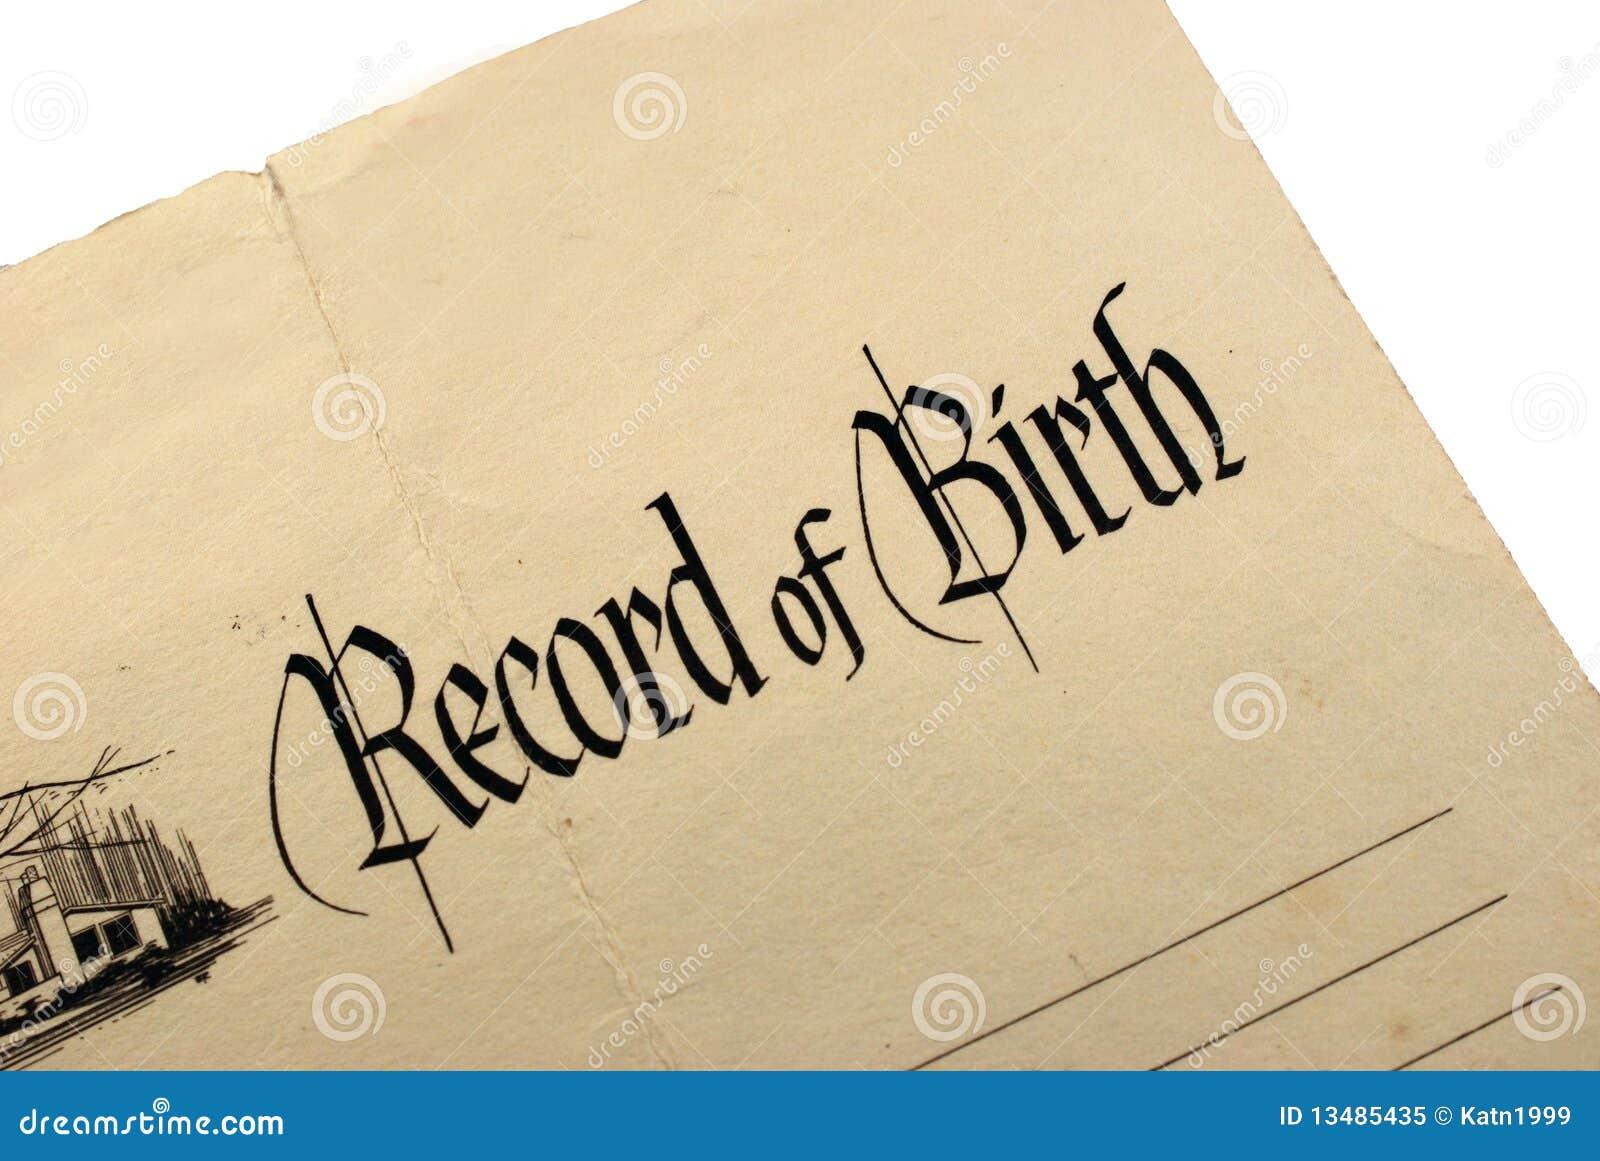 Generic Birth Certificate